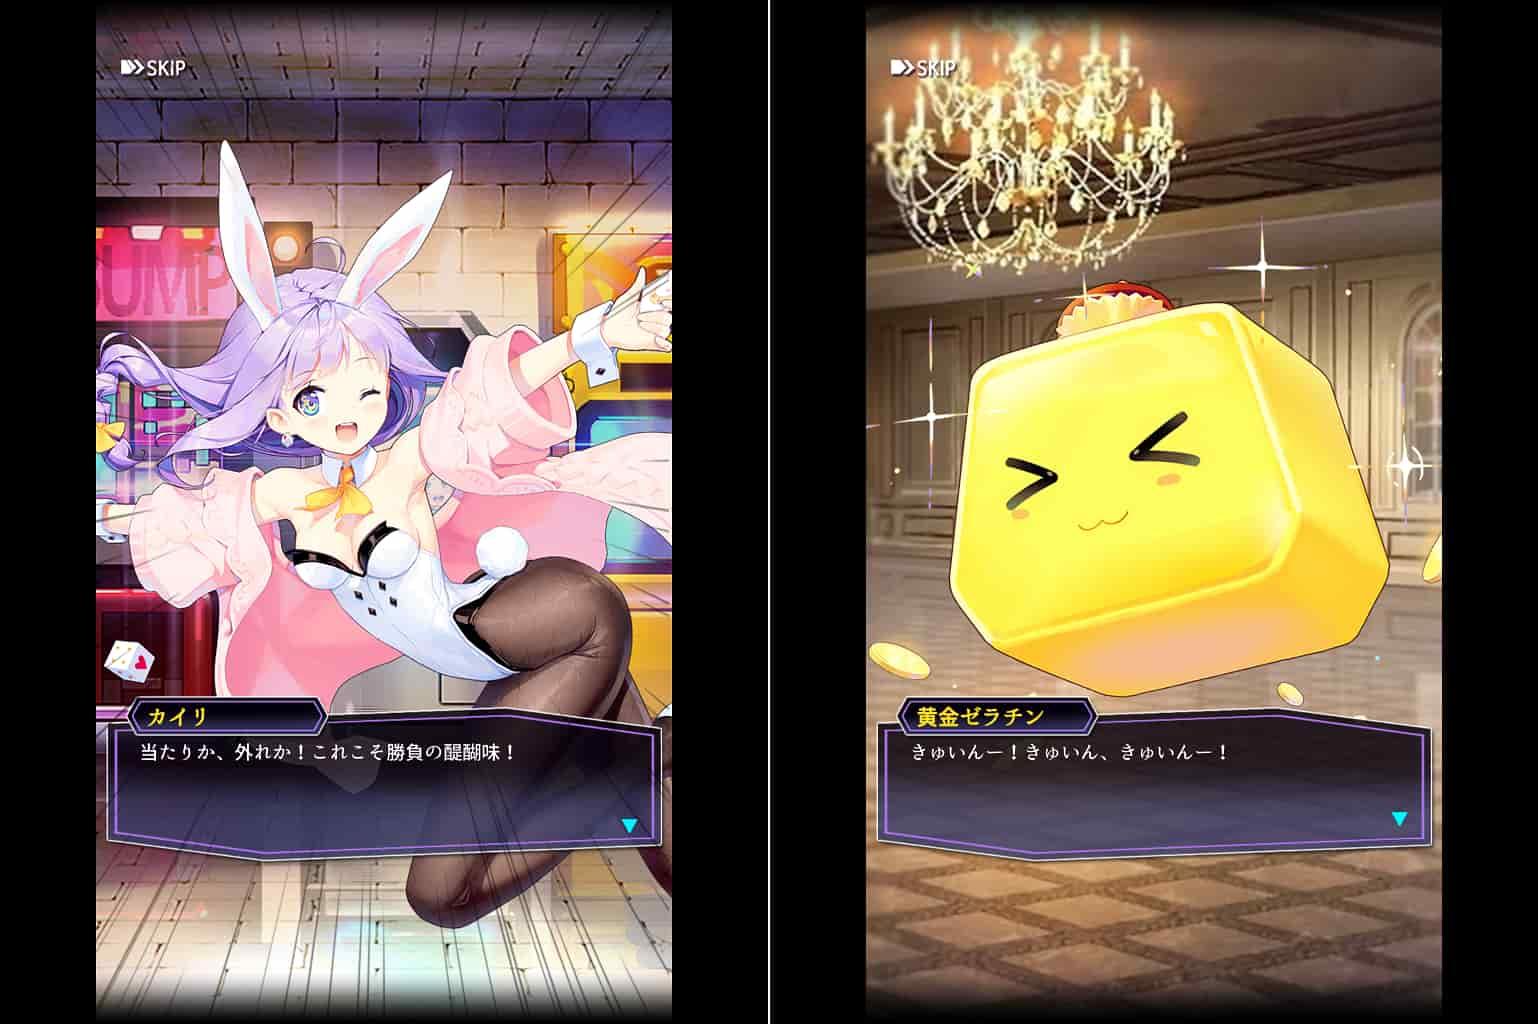 登場キャラクターのデザインがかわいい!